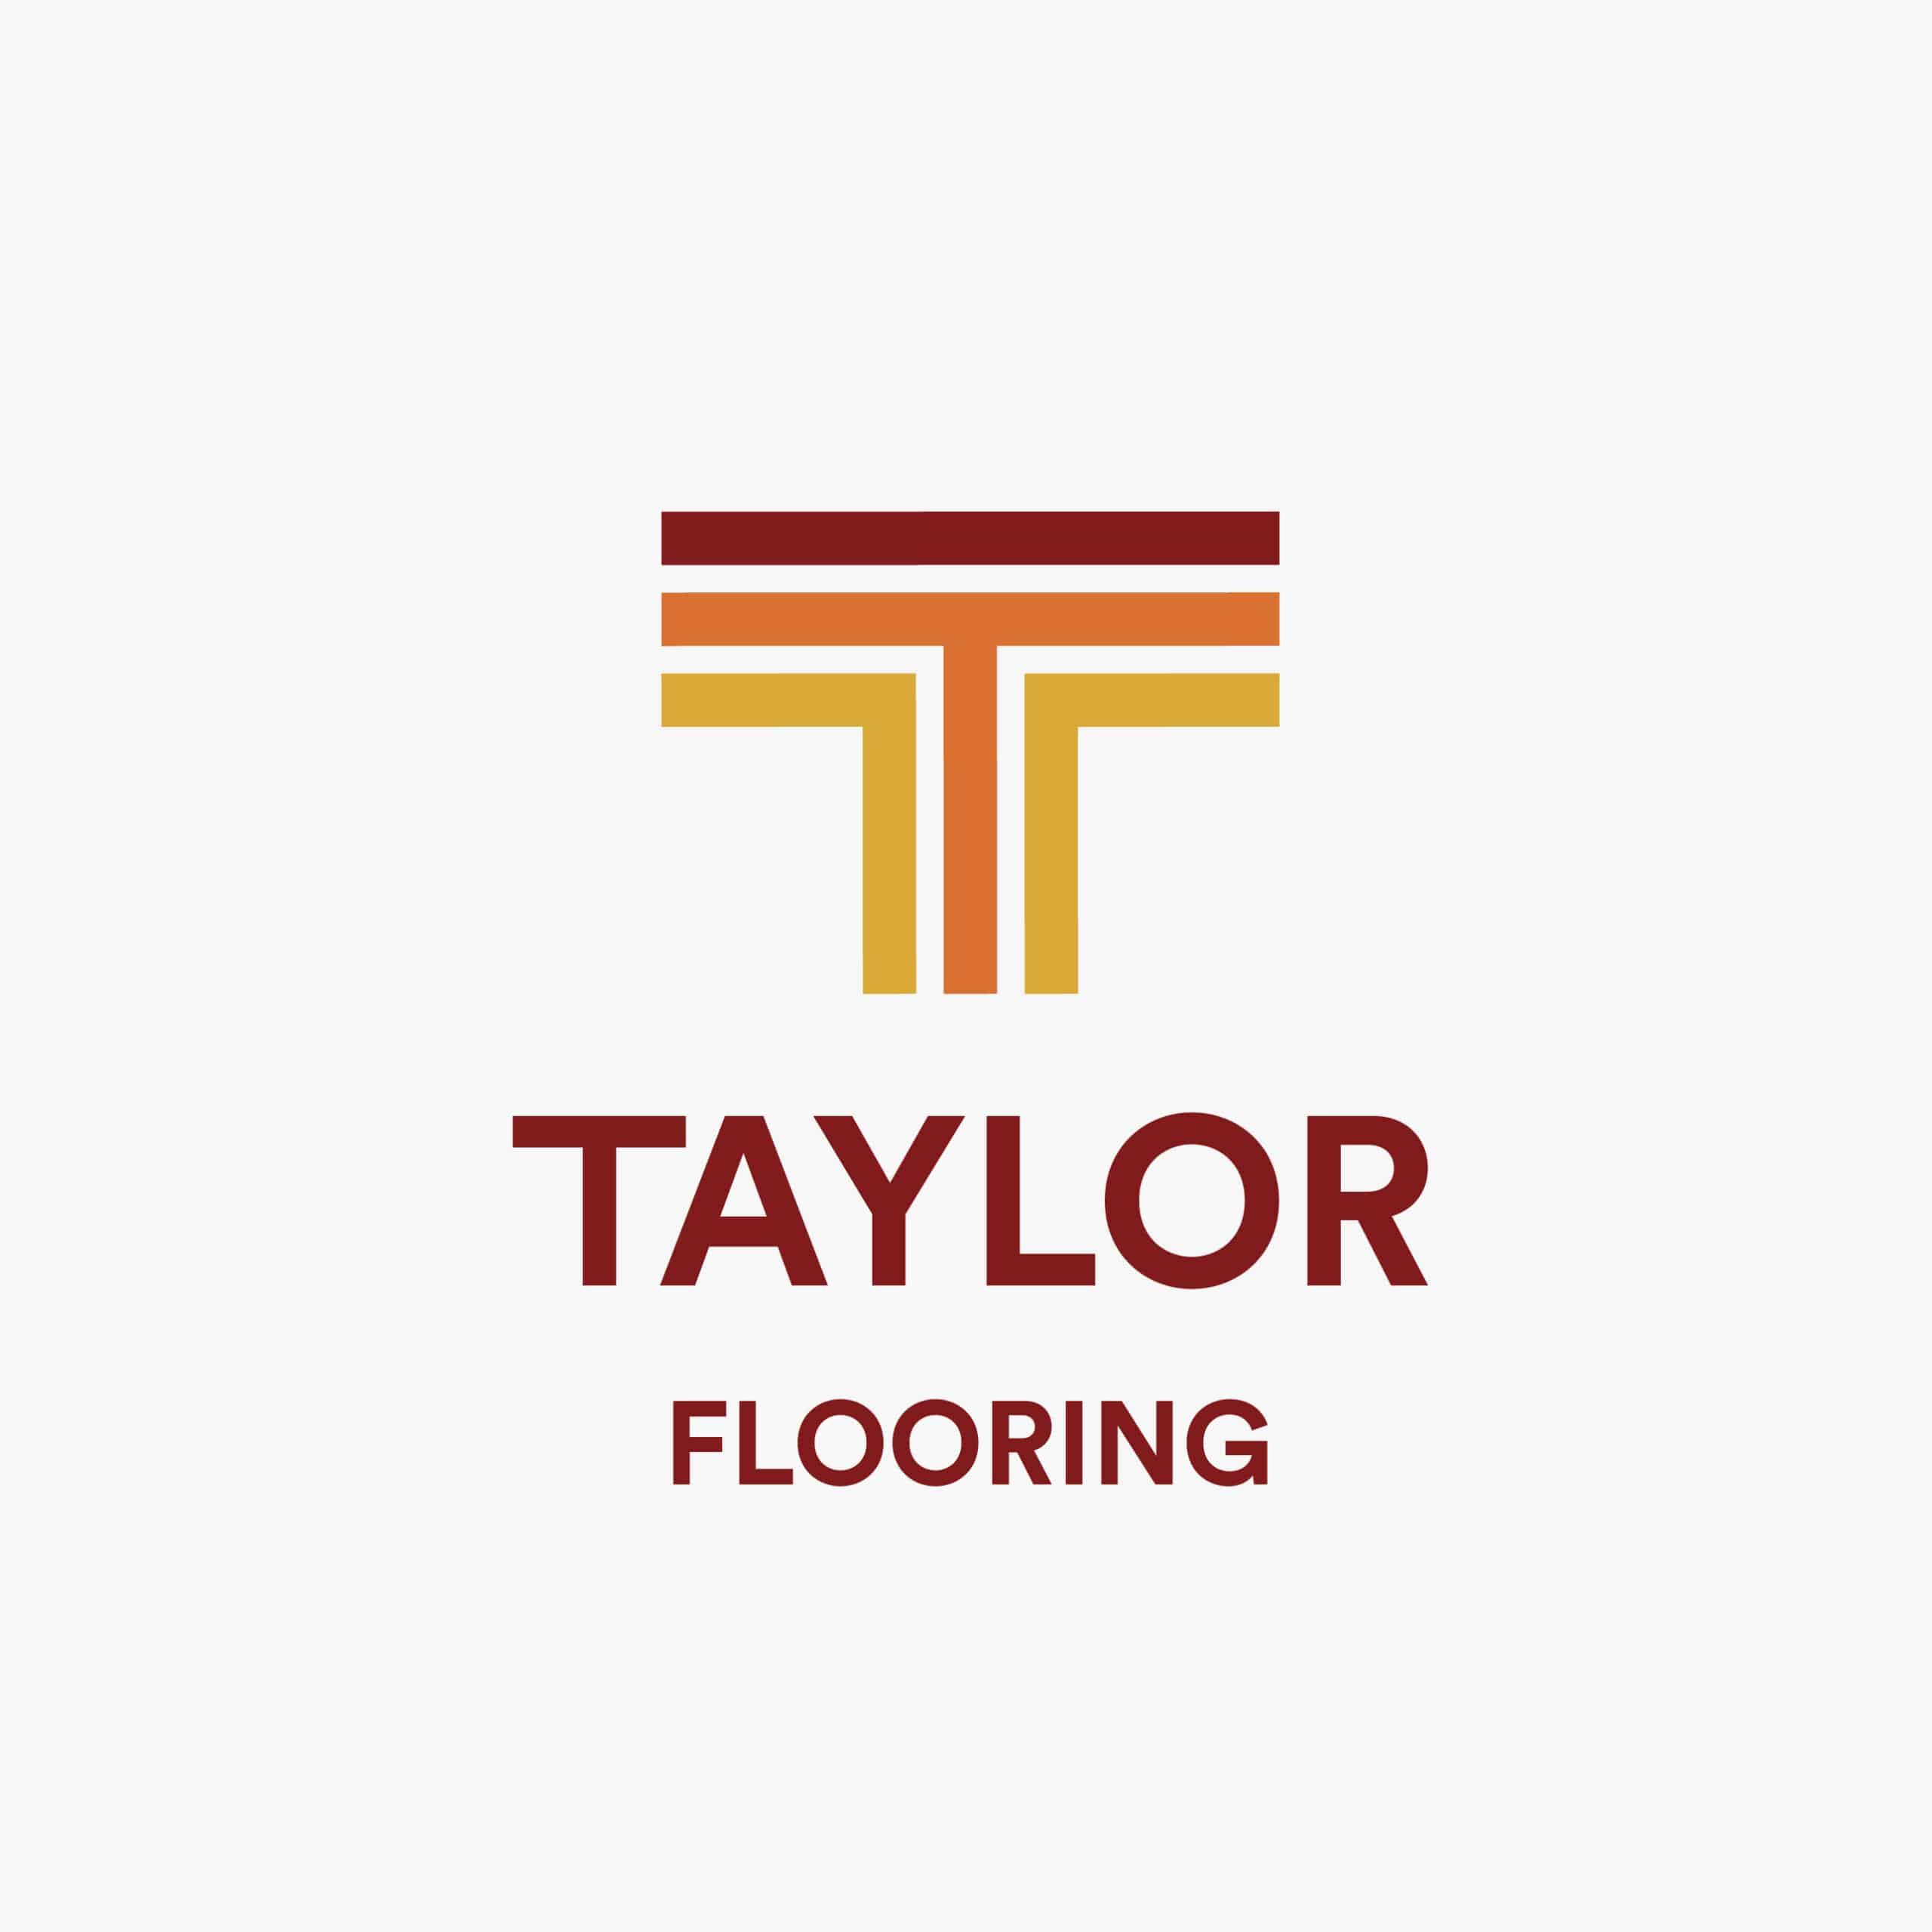 Taylor Flooring